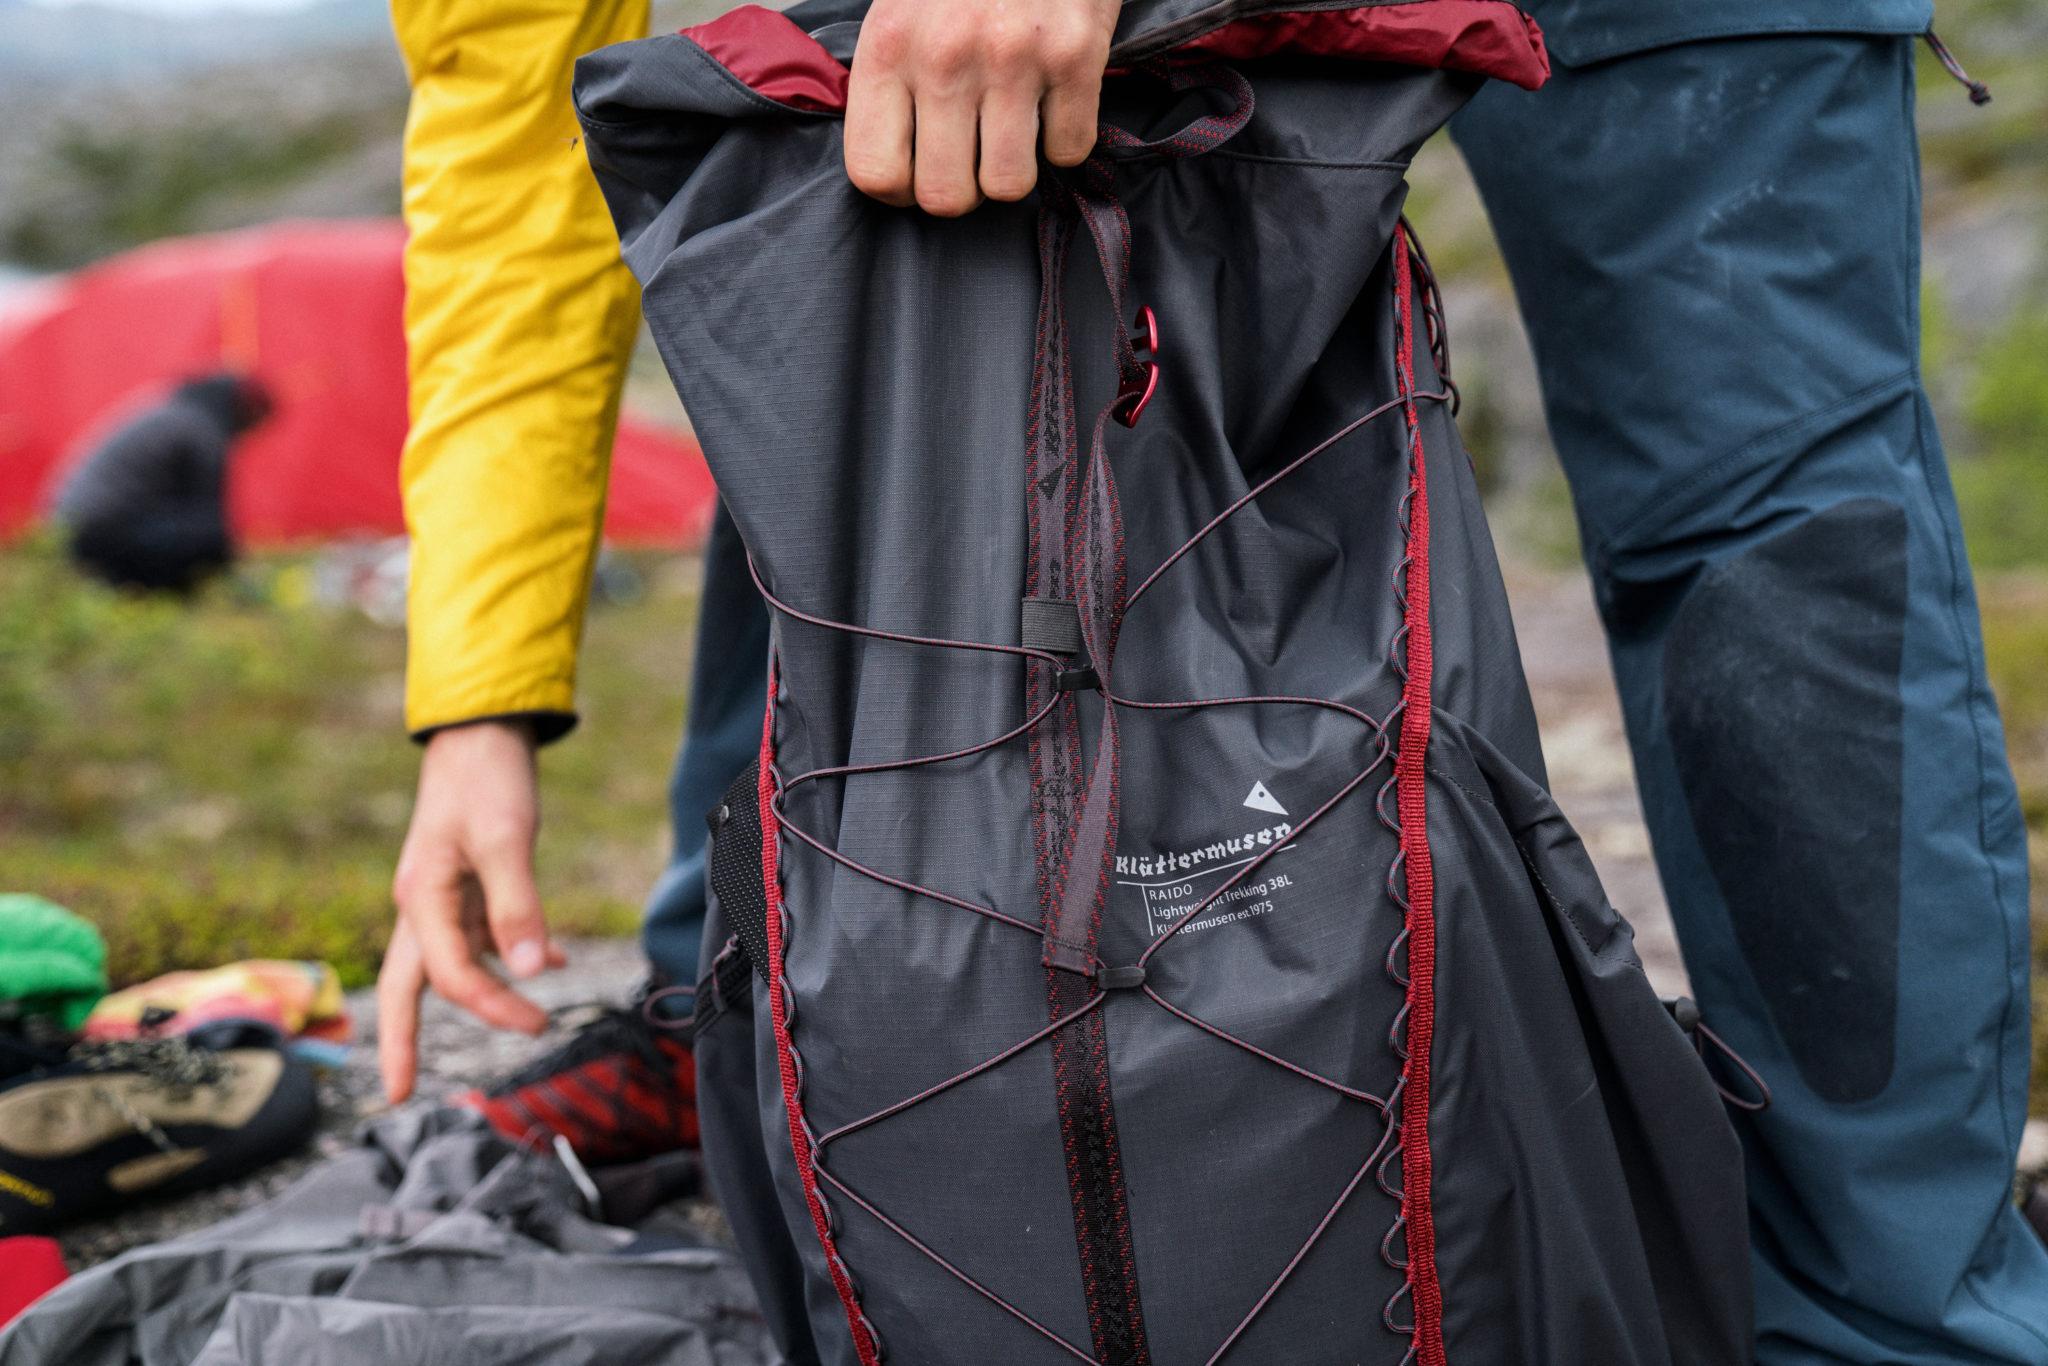 【登山裝備】背包防水塗層脫落怎麼辦?登山包保養教學